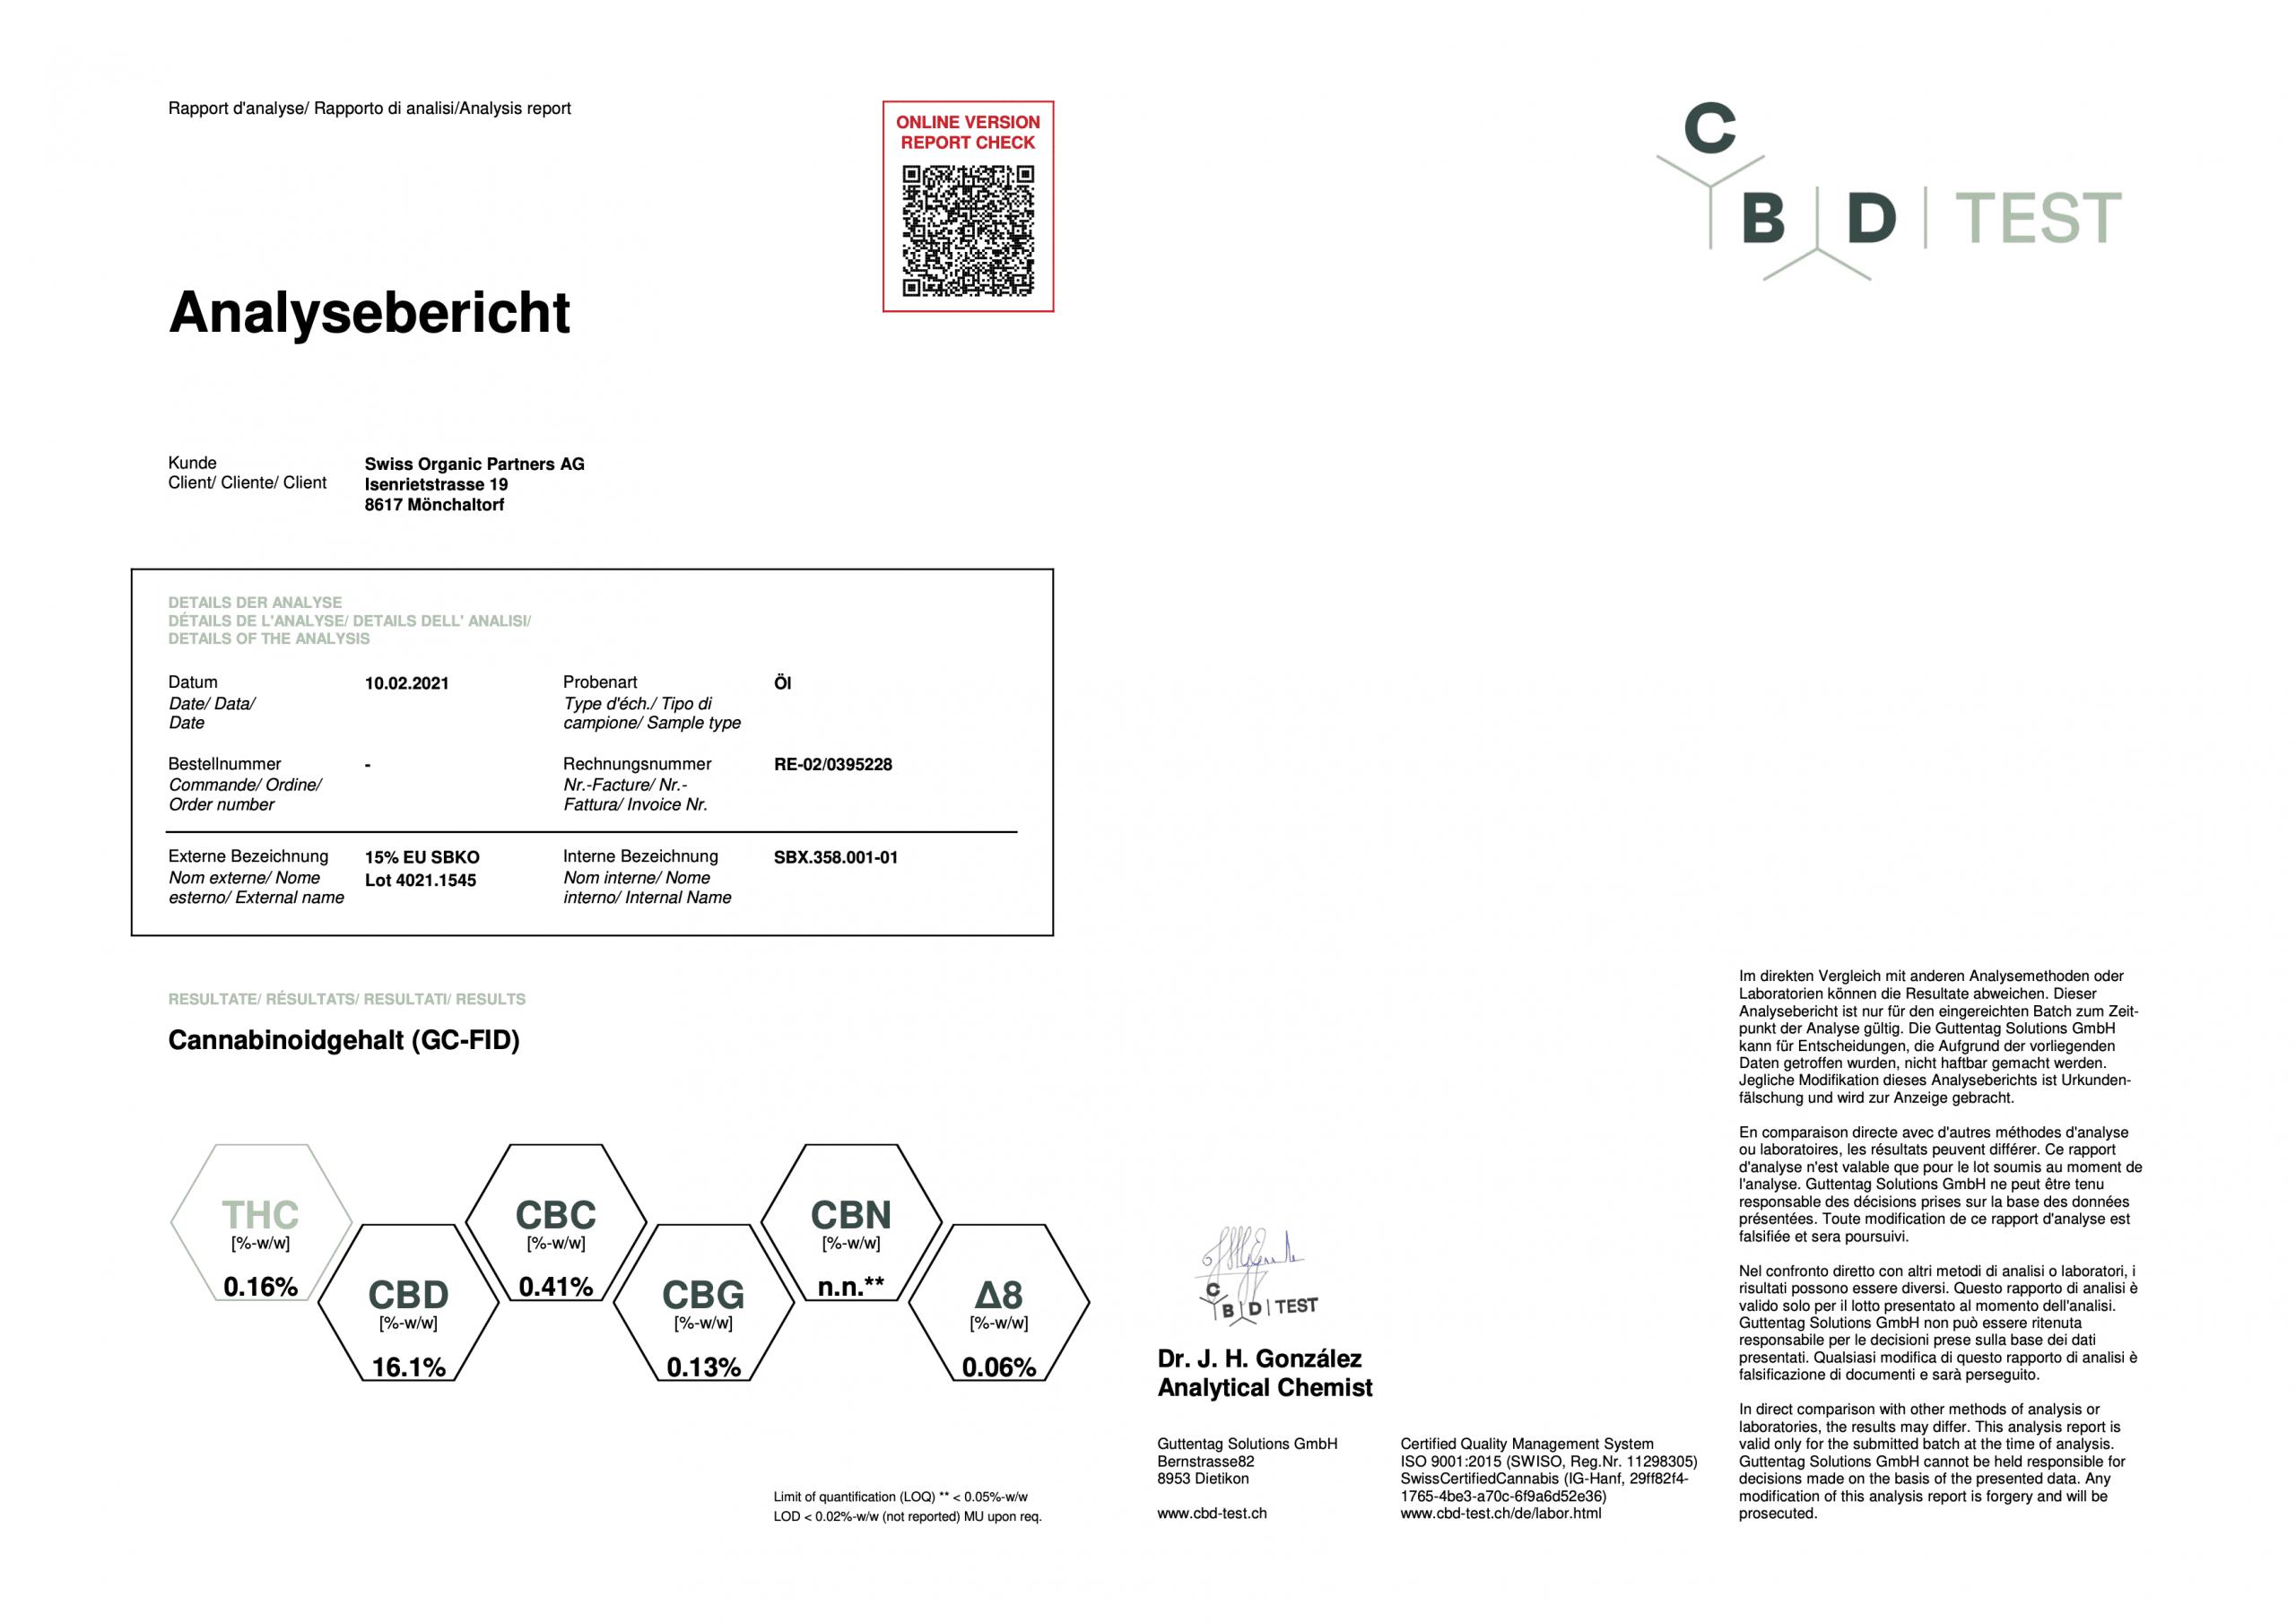 1500mg-Full-Spectrum-CBD-oil-Lab-Report